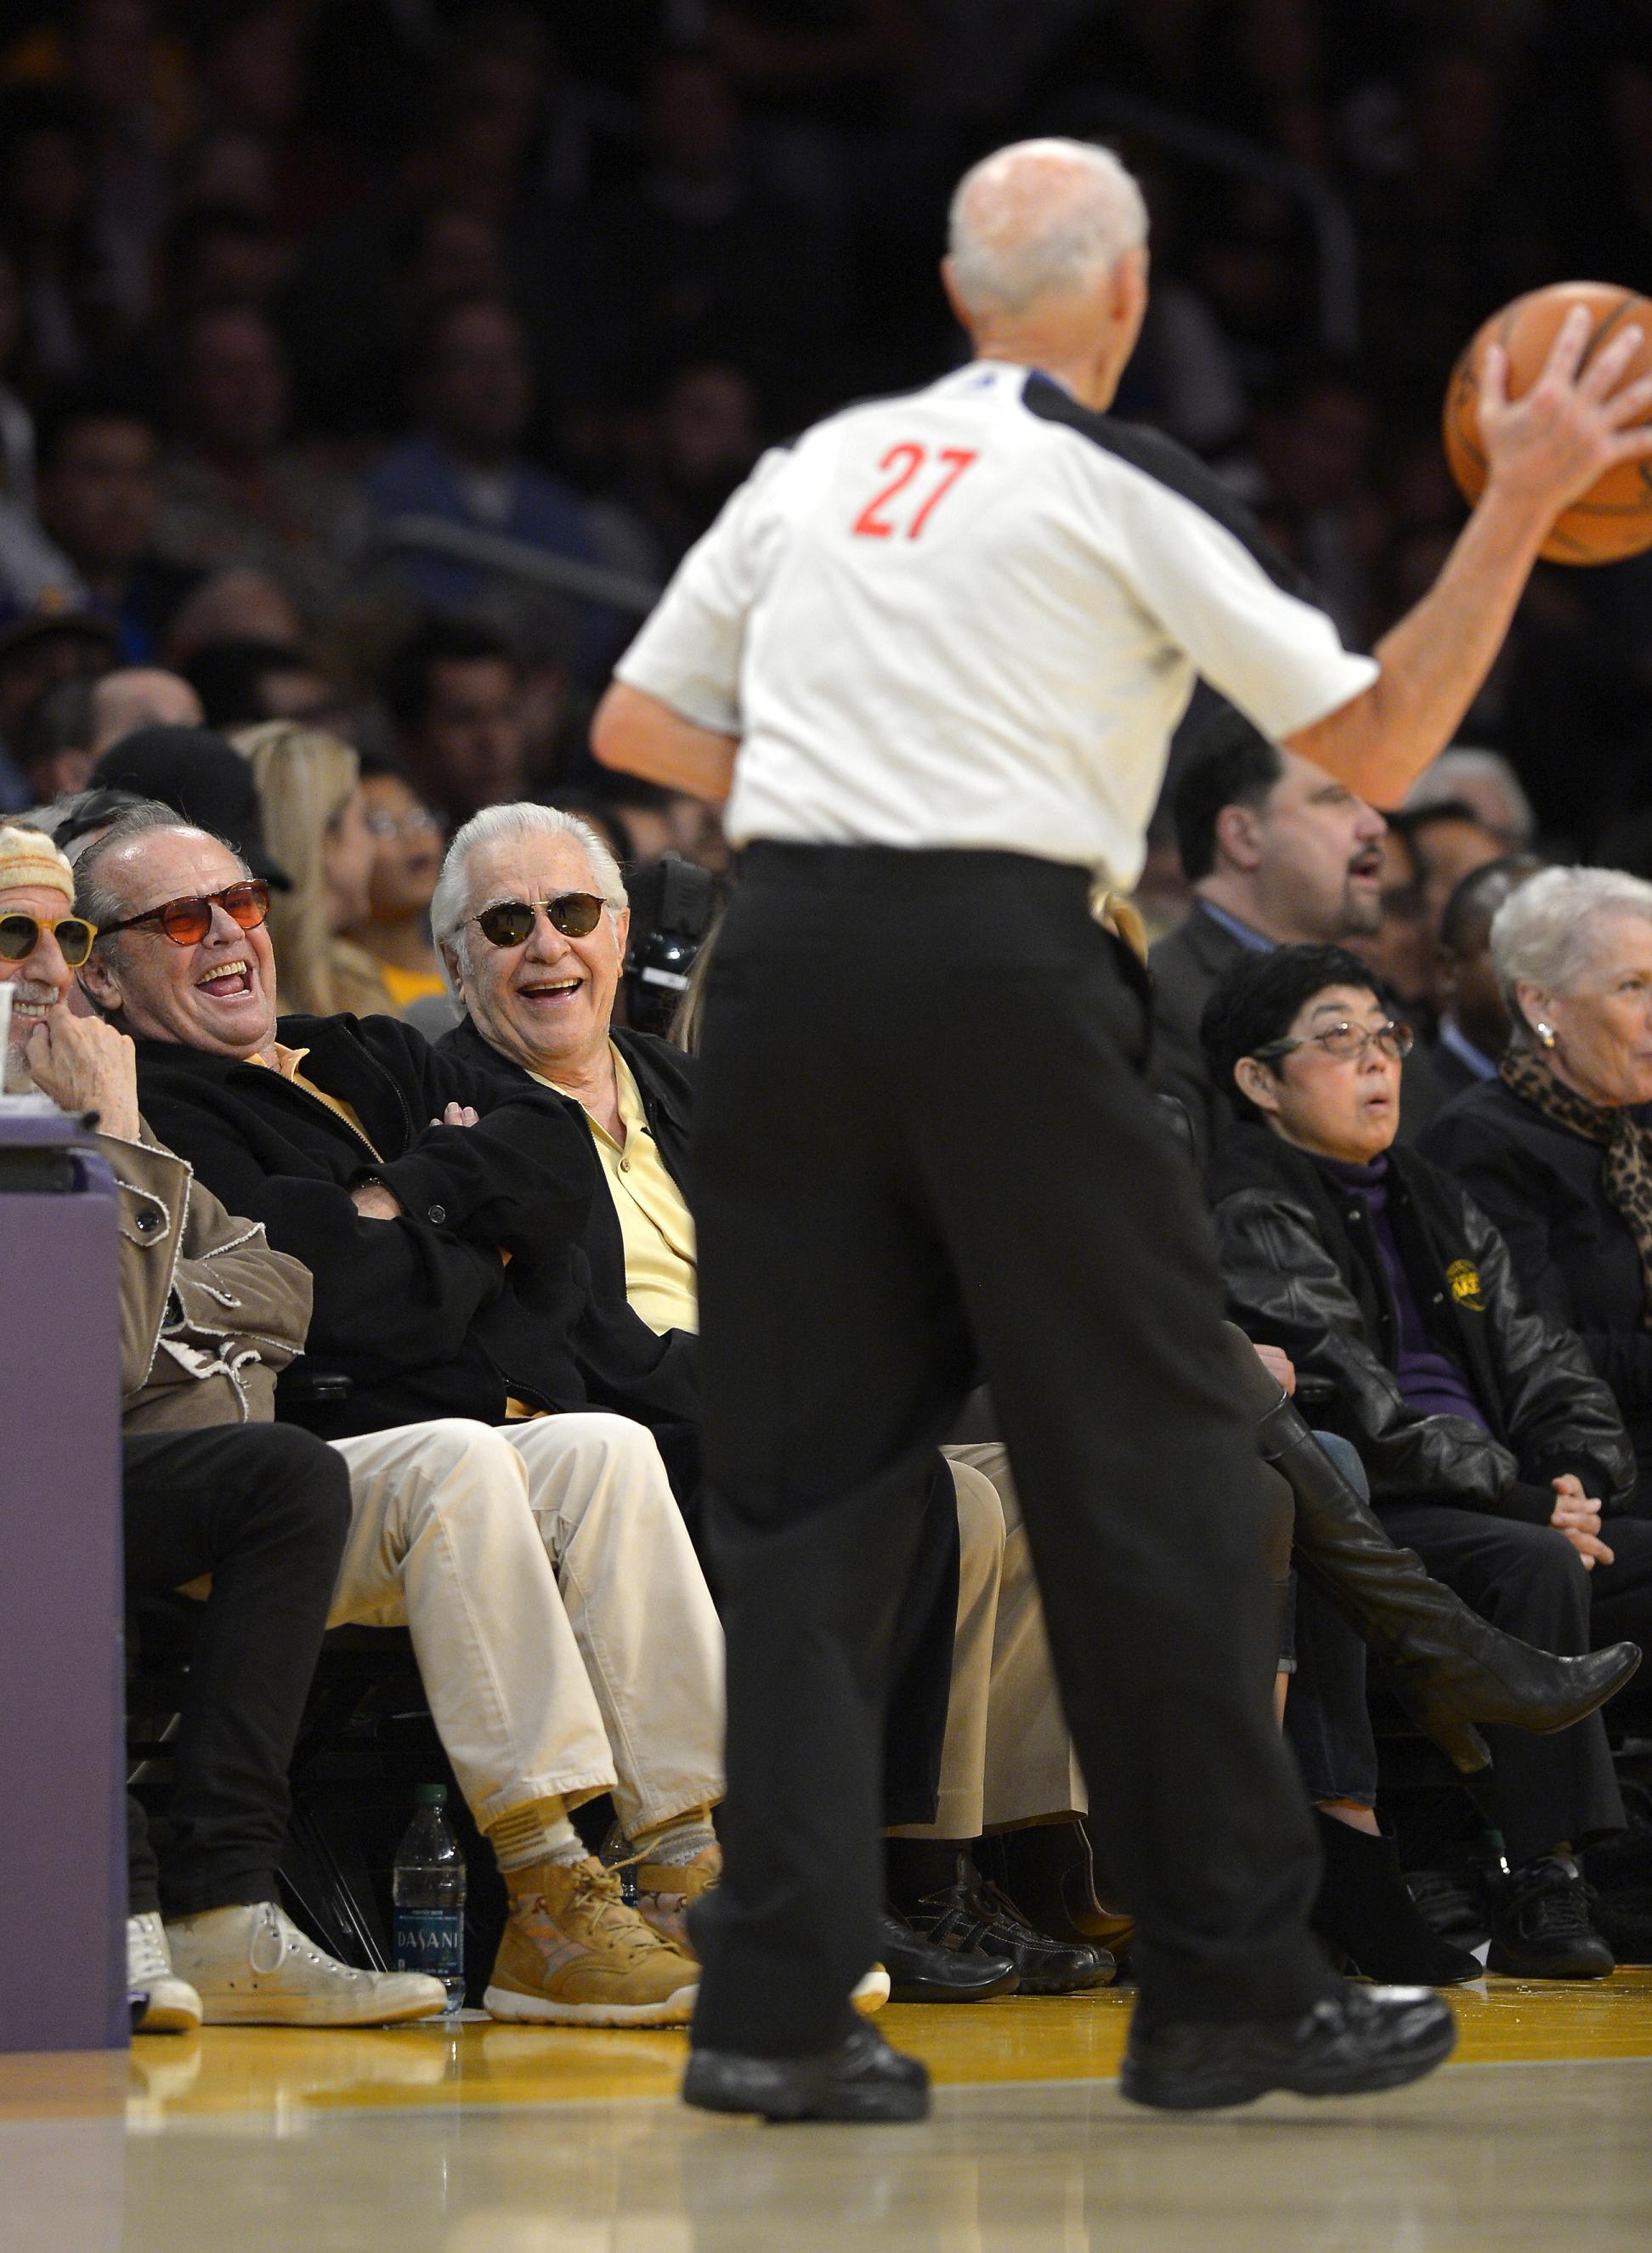 Dick Bavetta, con Jack Nicholson cerca, arbitrando un partido de los Lakers en el Staples Center de Los Angeles en noviembre de 2013 (GTRES).